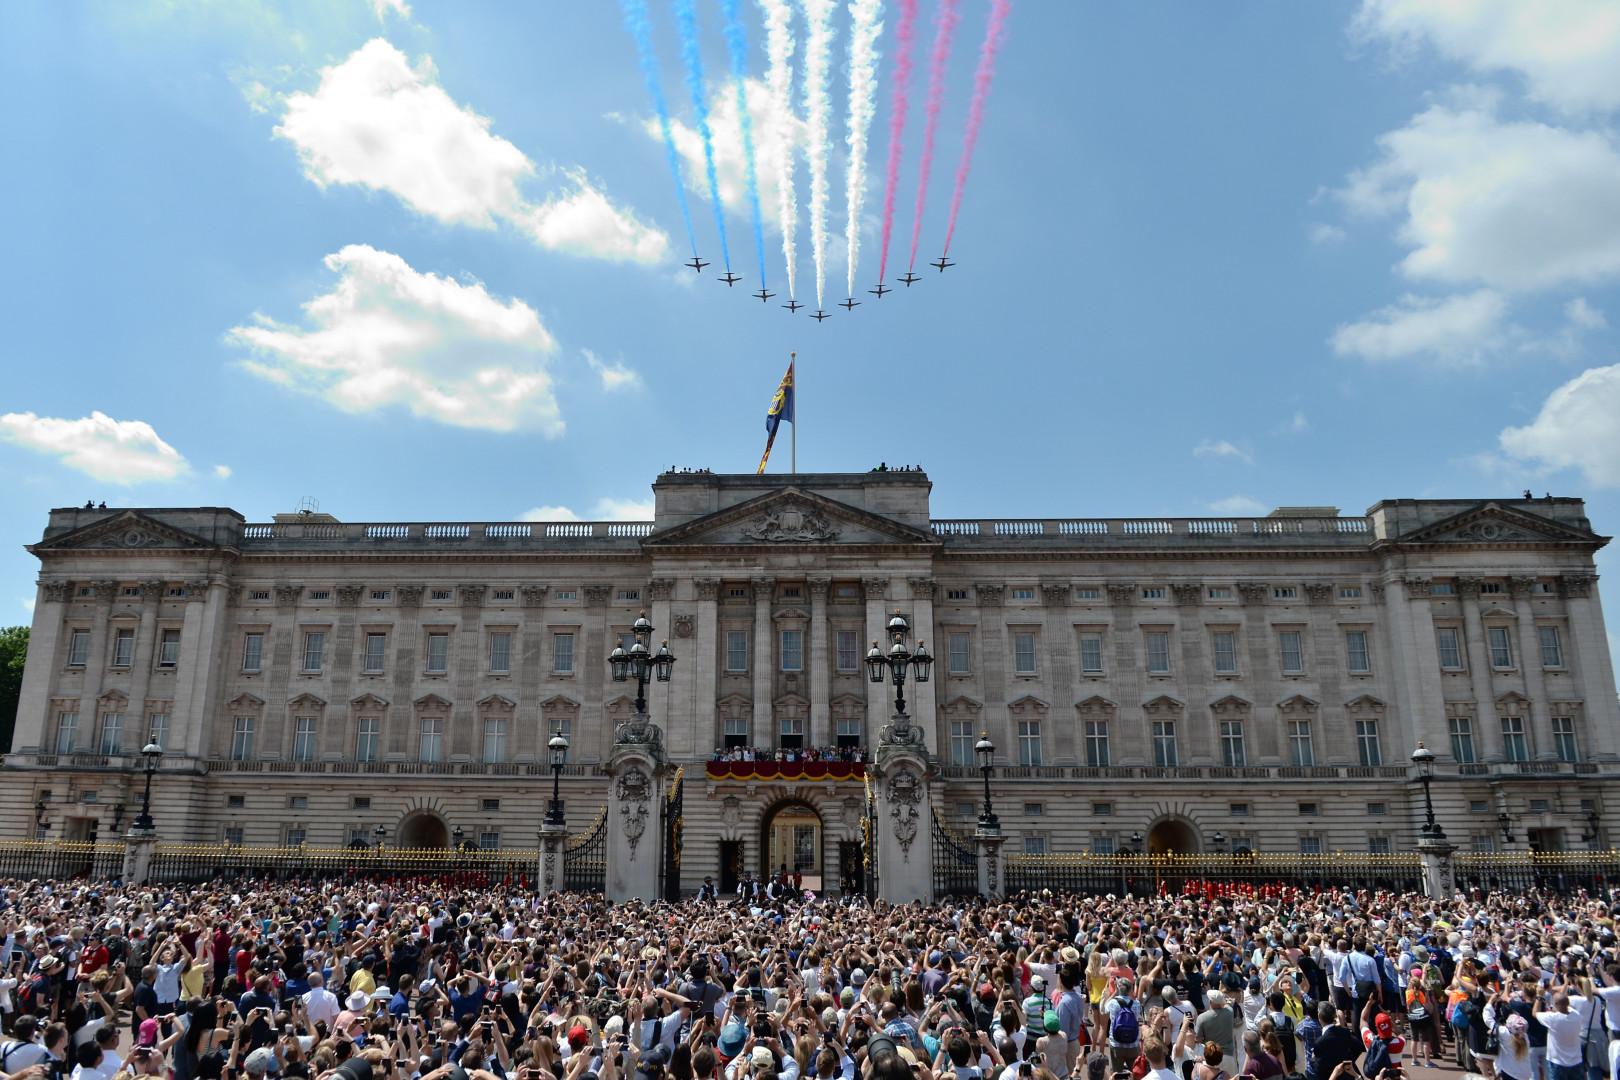 La foule amassée devant Buckingham Palace, lors de l'apparition de la famille royale sur le balcon du palais, le 17 juin 2017